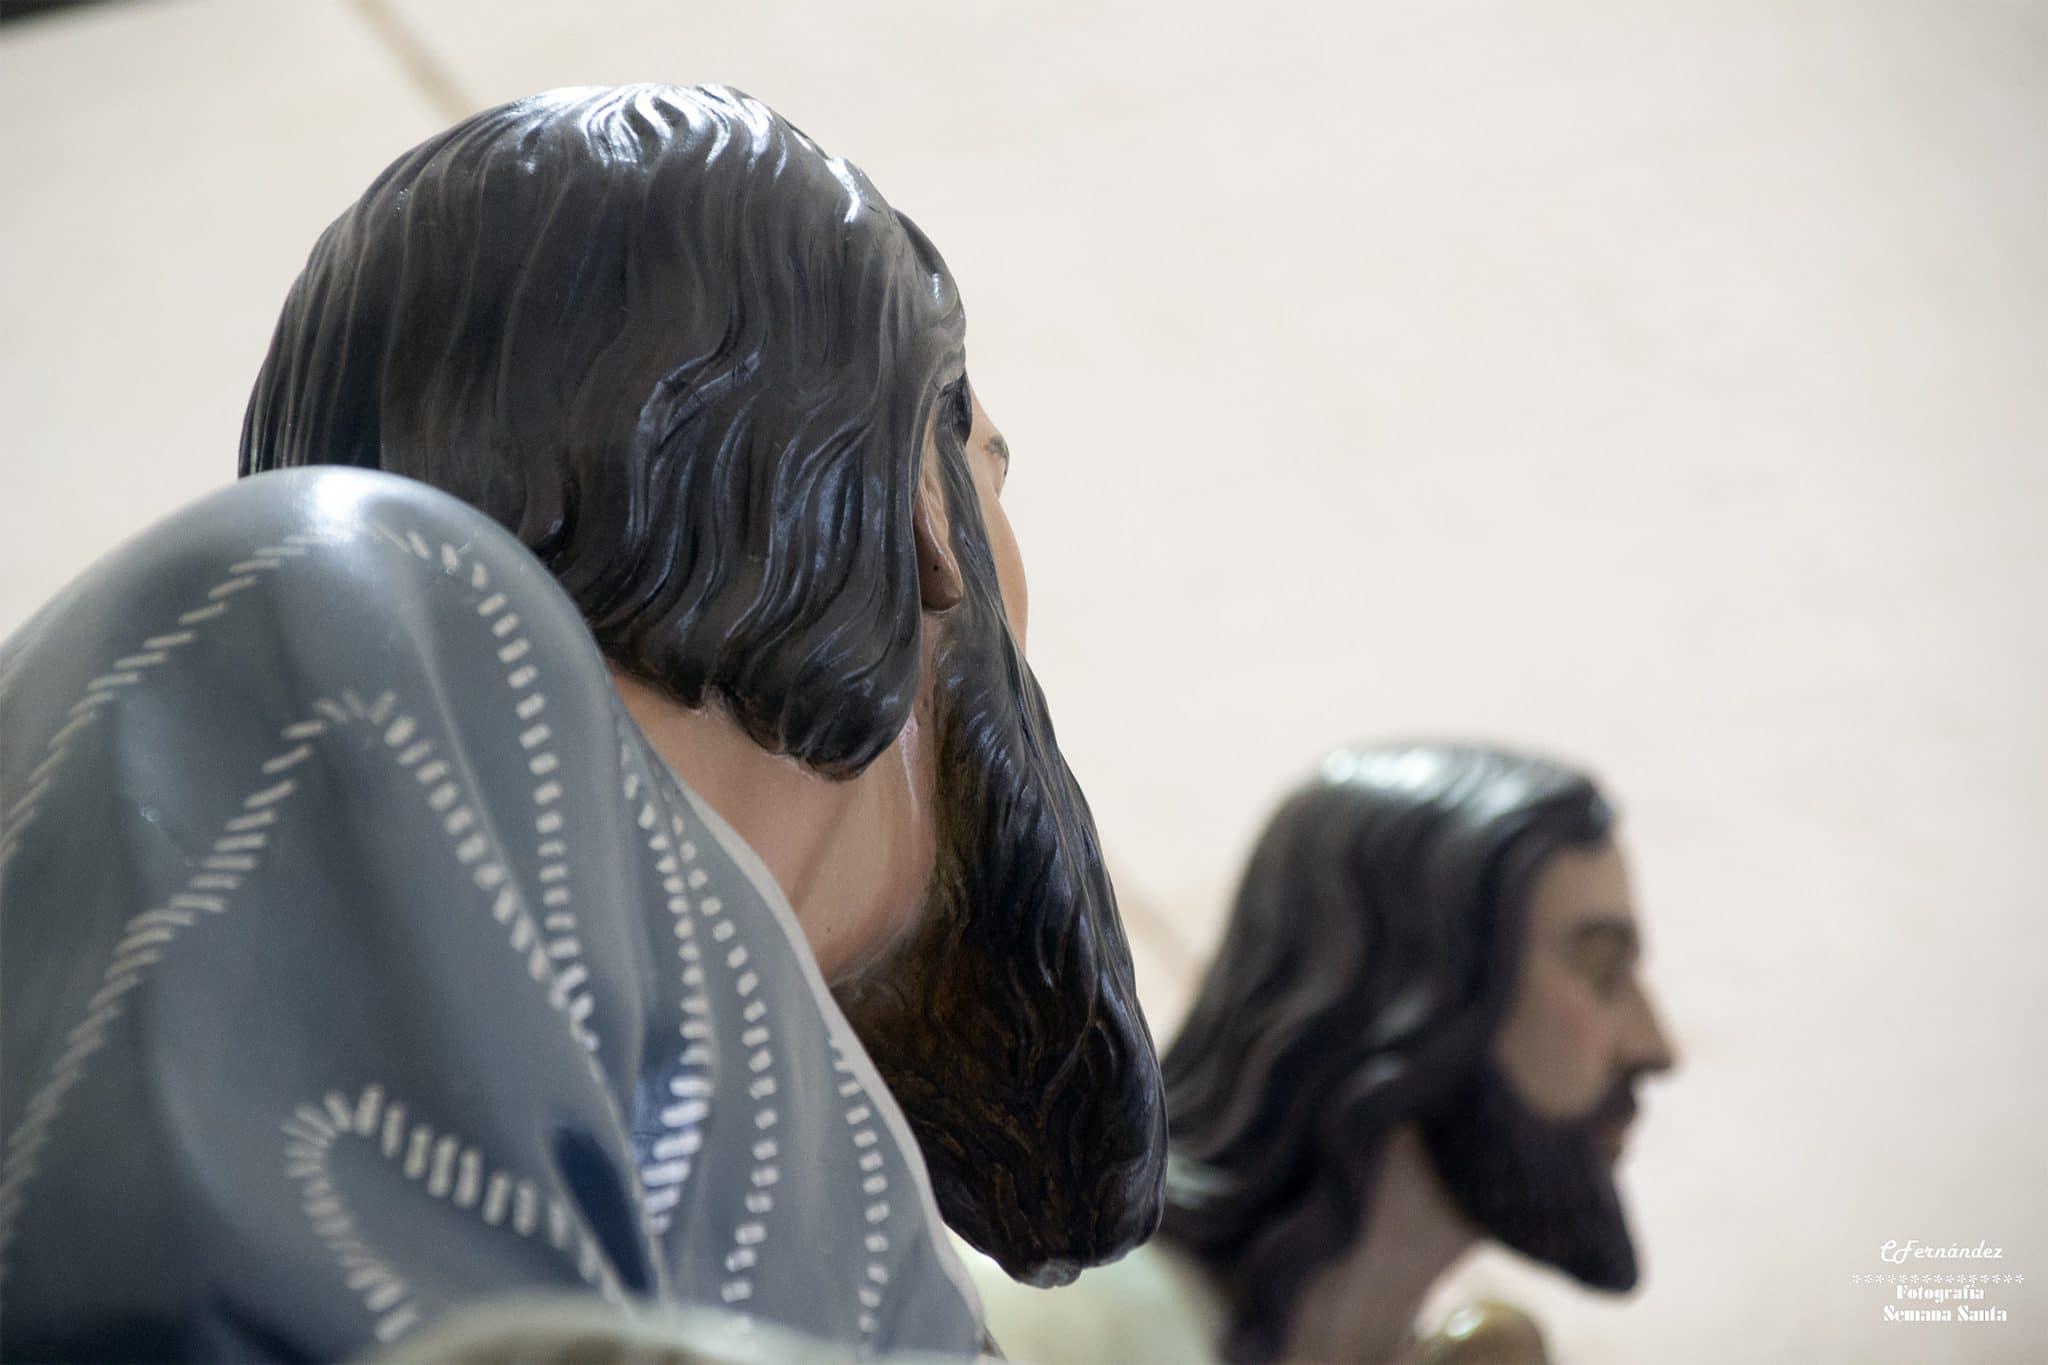 Procesión de la Santa Cena, León 1